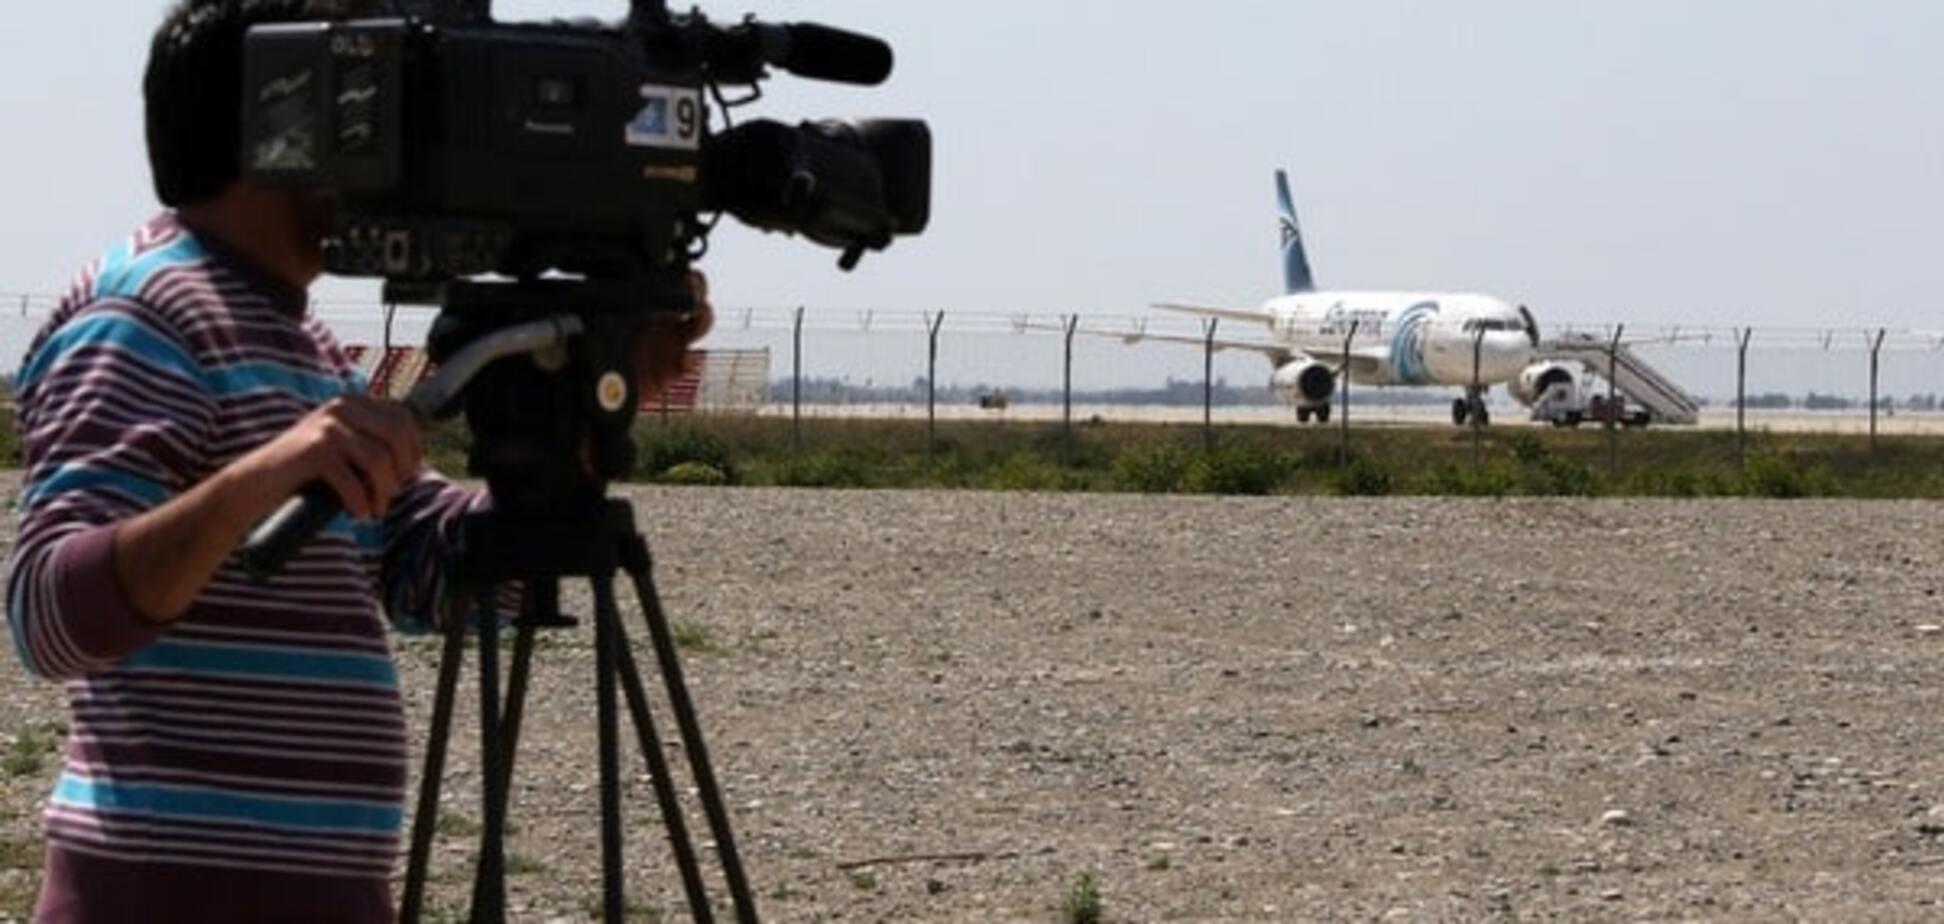 Викрадач лайнера EgyptAir вимагає дозаправити літак. Спецназ готується до штурму